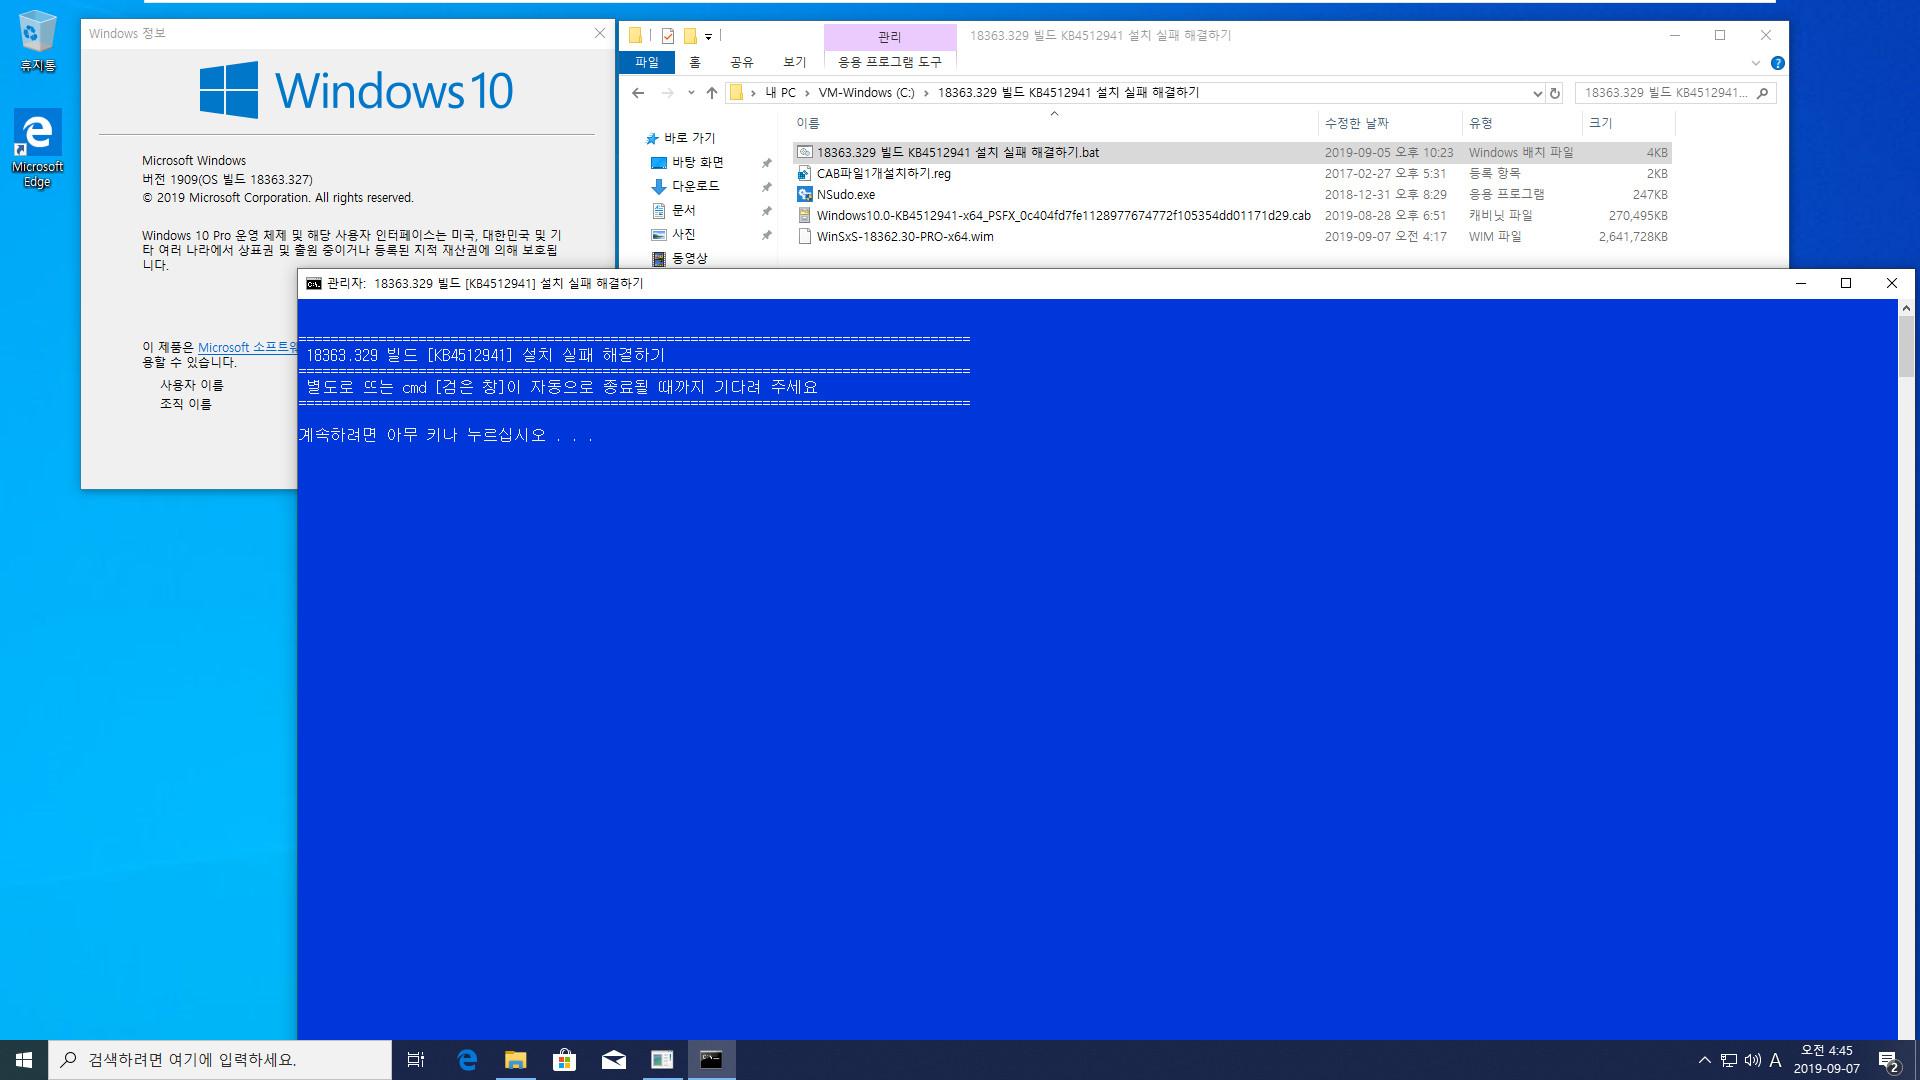 Windows 10 19H2 버전 1909 (OS 빌드 18363.327) 릴리스 프리뷰 - ms 에서 배포한 iso 에18363.329 빌드 KB4512941 설치 실패 해결하기 - 다시 도전 2019-09-07_044512.jpg